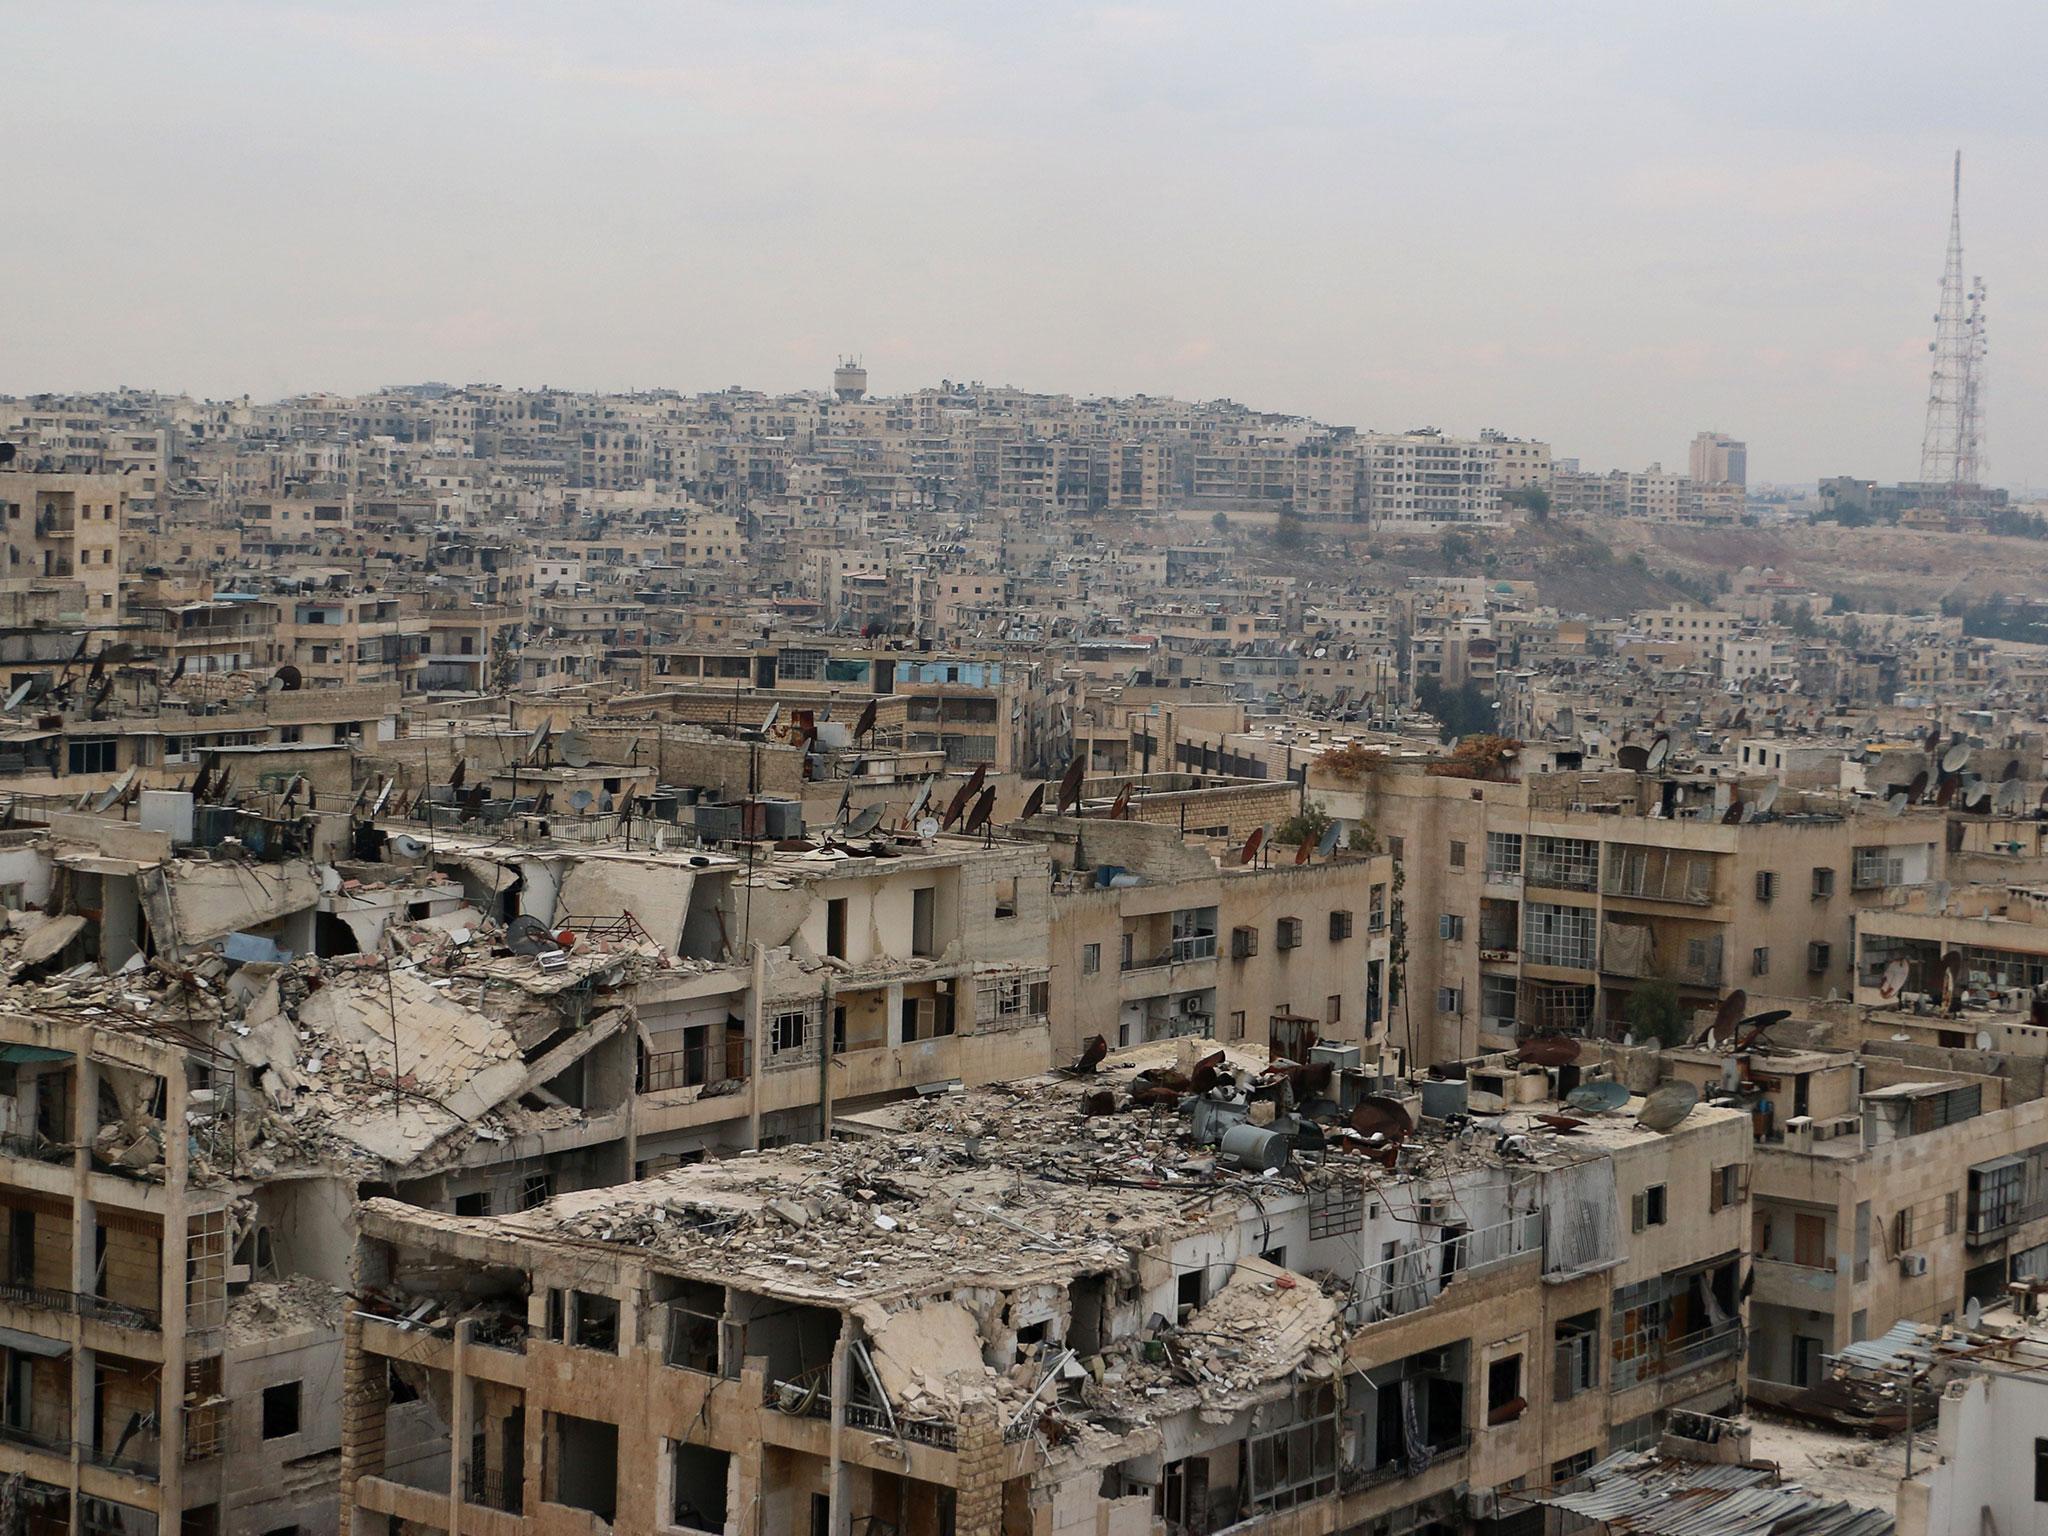 صورة انهيار سريع لاتفاق حلب.. والحكومة السورية تتهم المعارضة